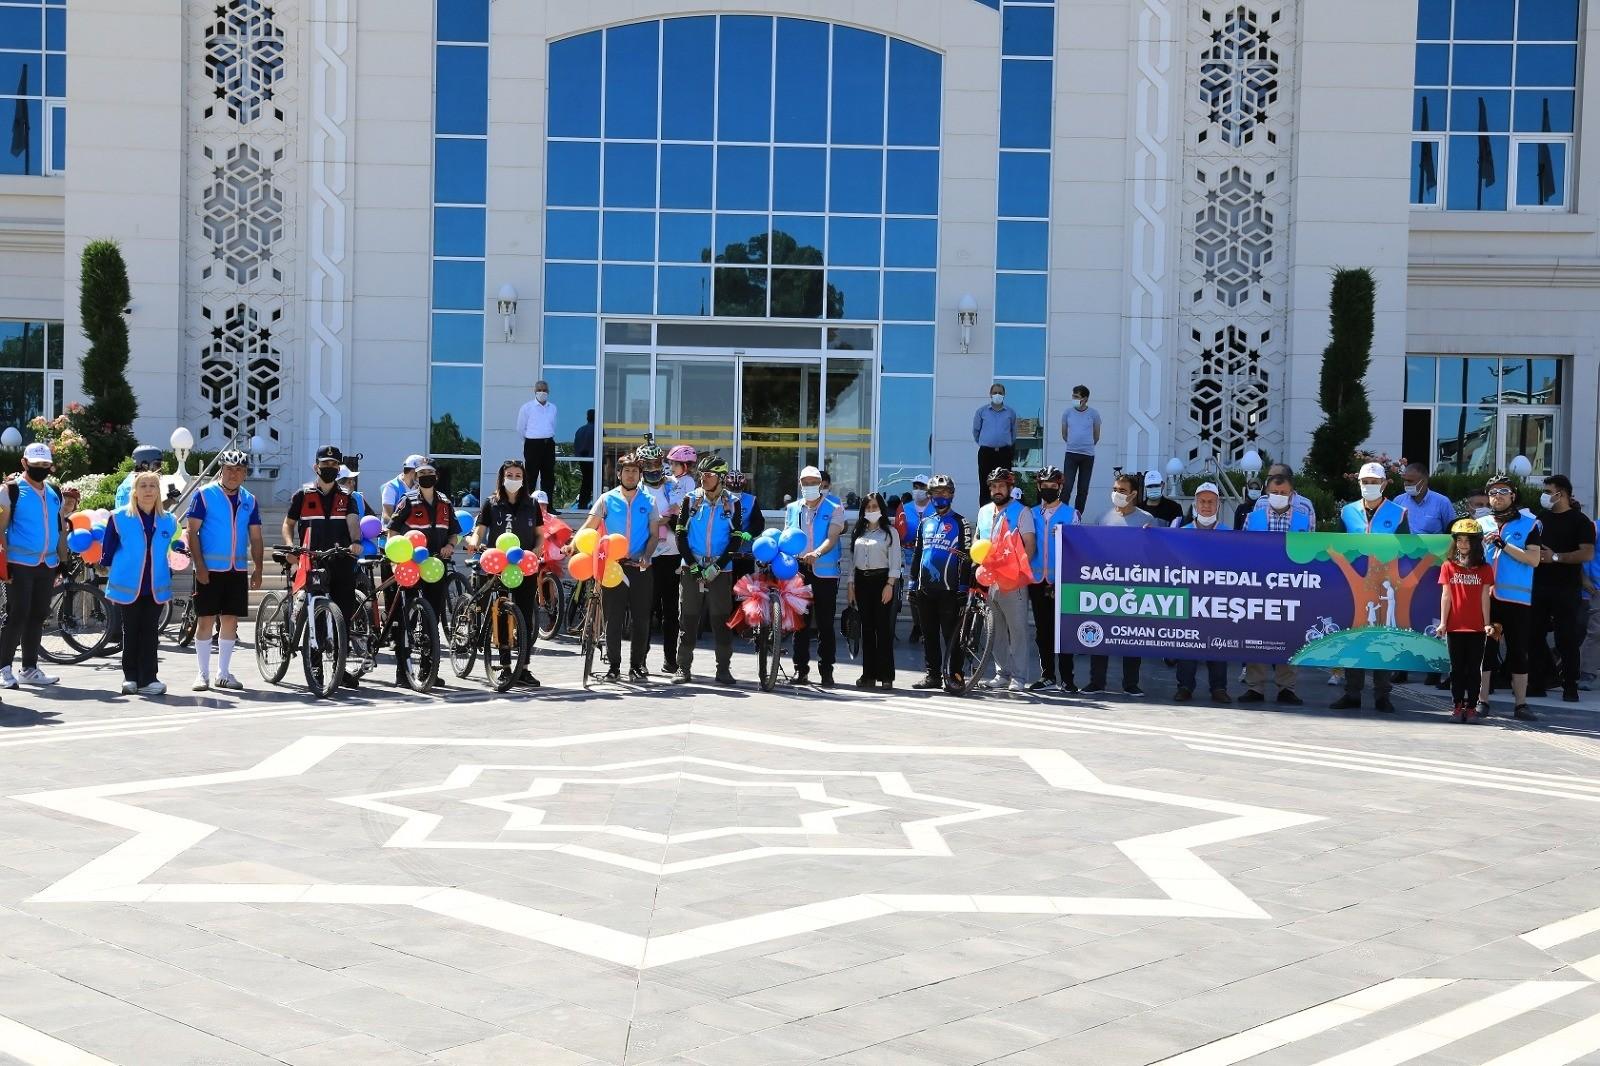 Battalgazi Belediyesi'nden özel bisiklet turu etkinliği